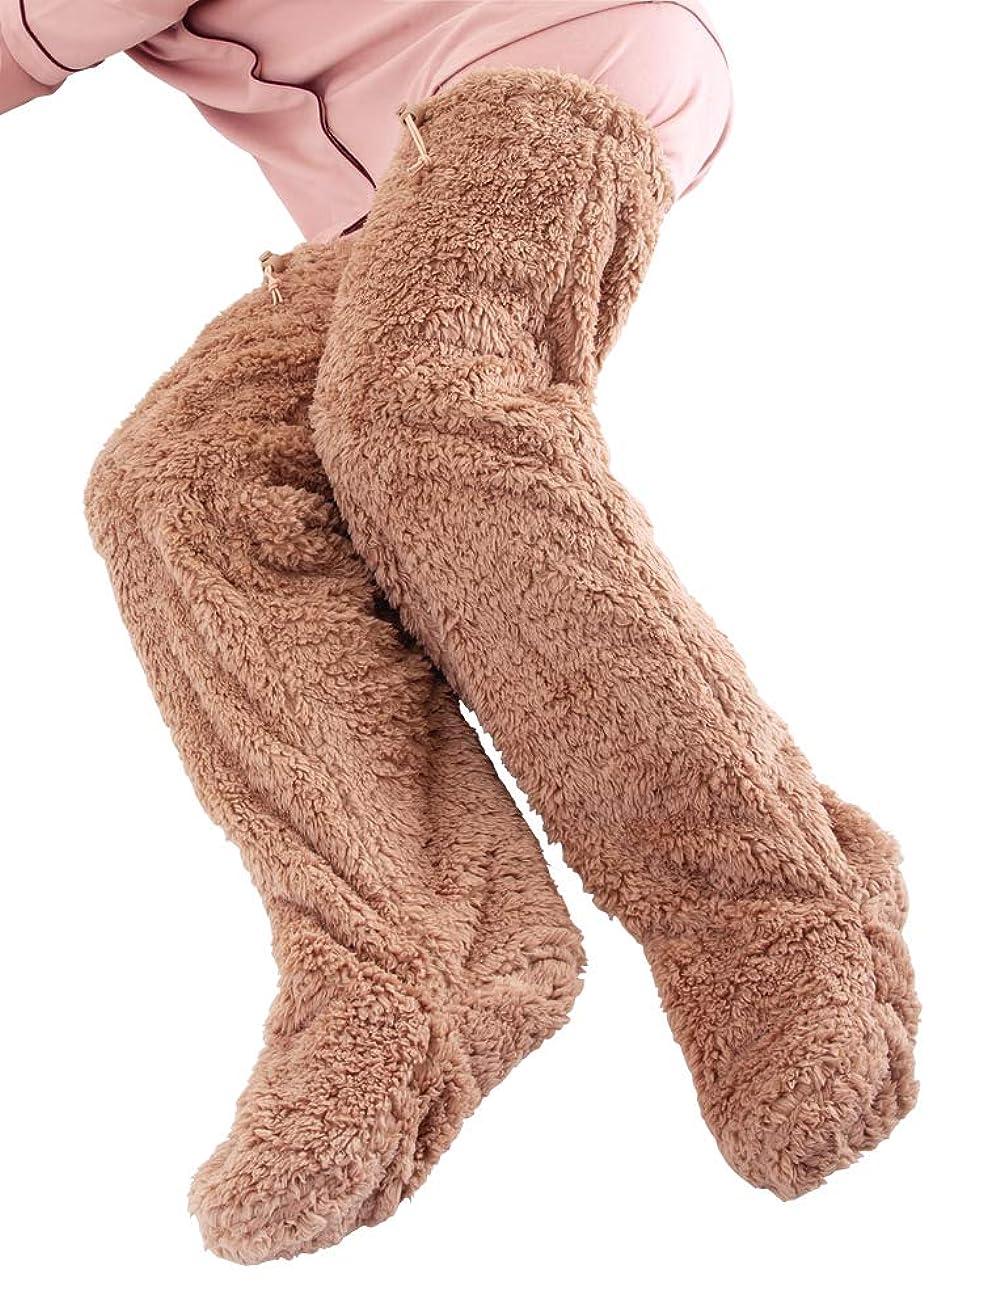 エロチックドレイン各極暖 足が出せるロングカバー ストッパー付き ブラウン?Lサイズ